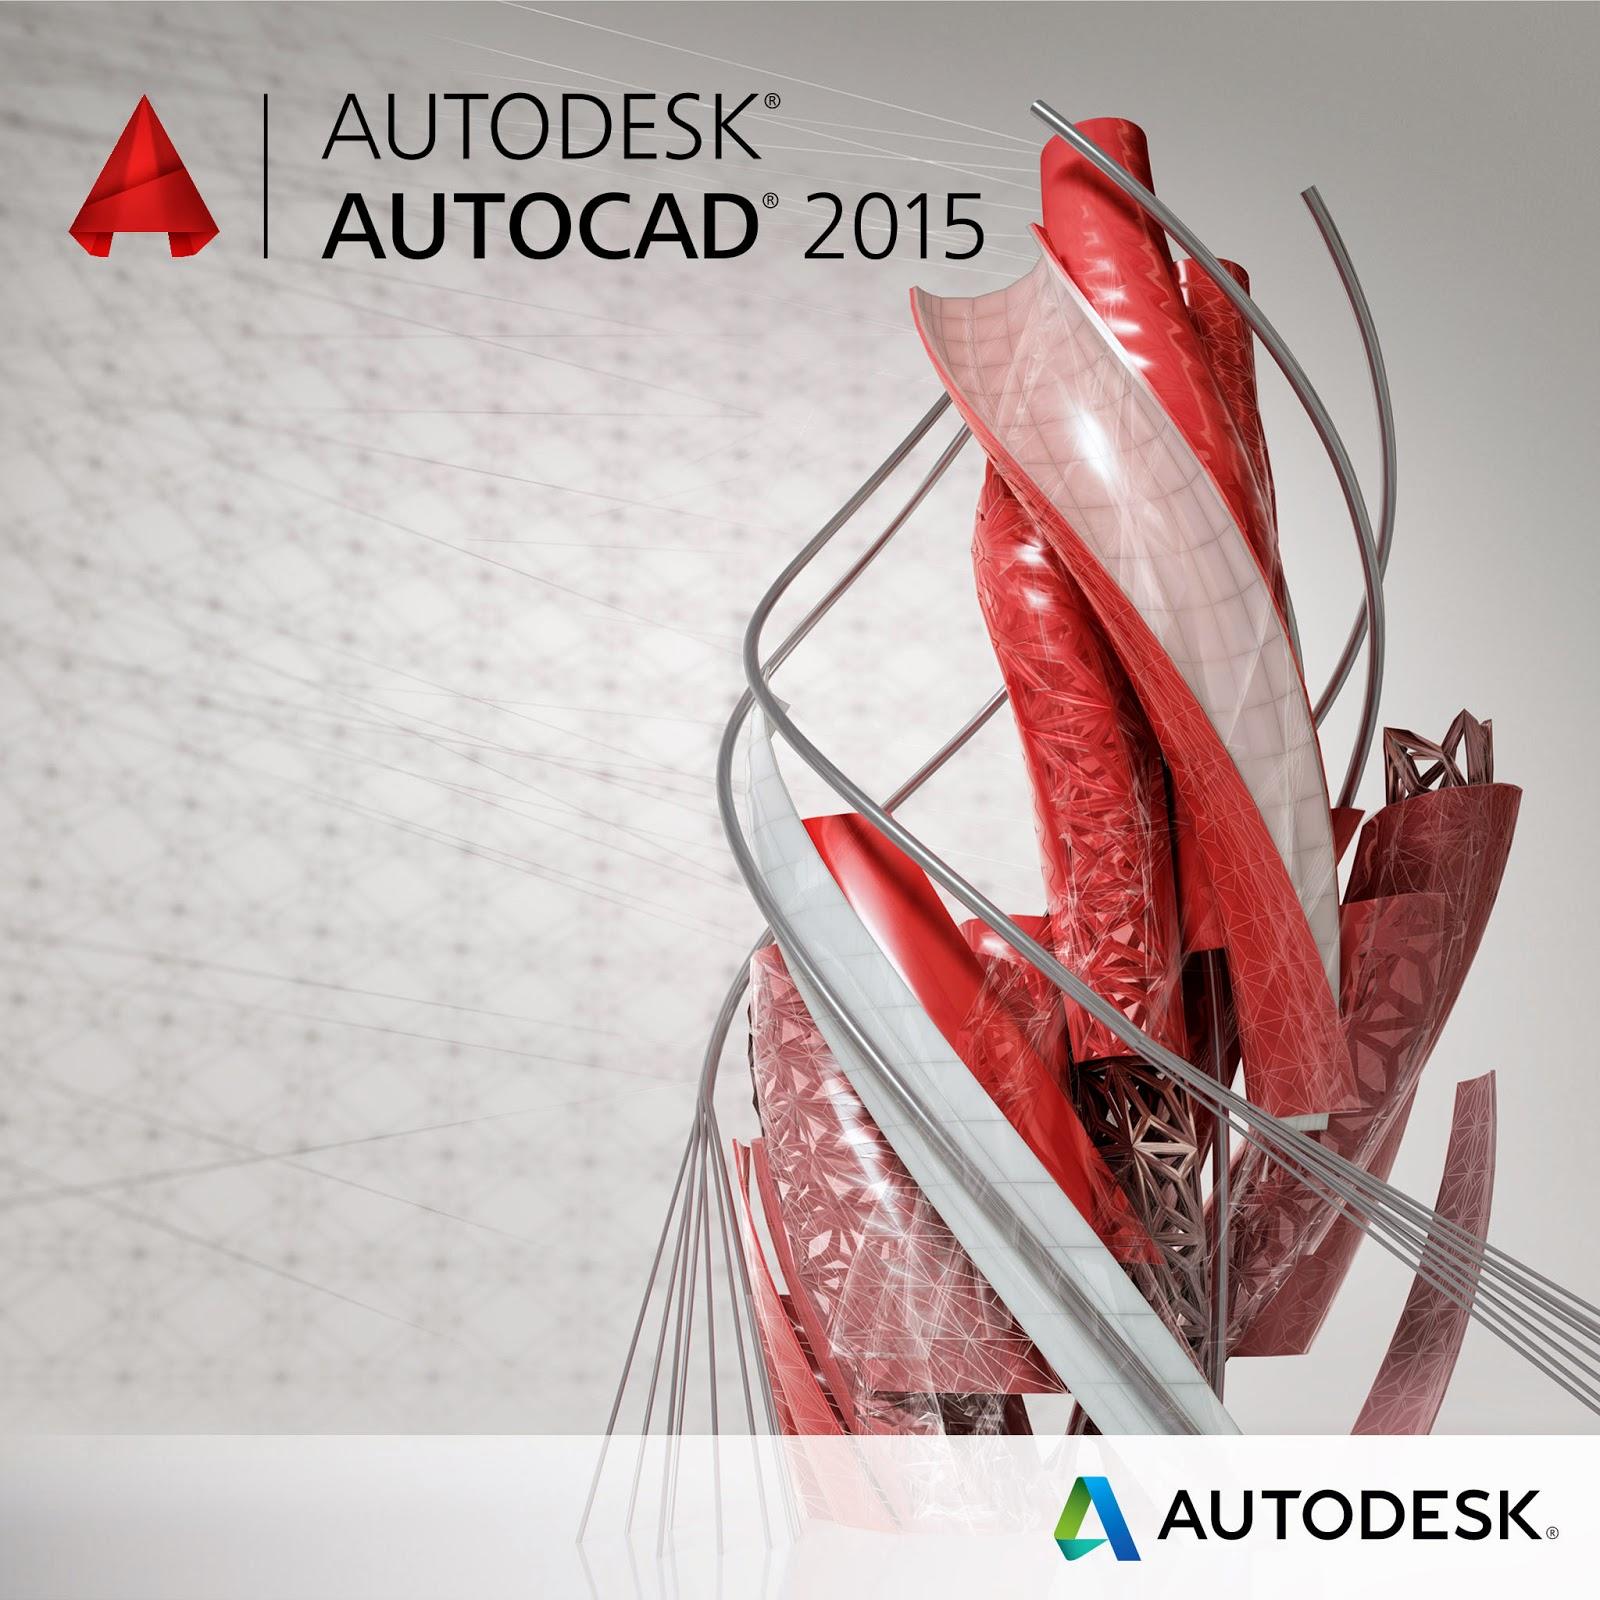 autocad 2015 ücretsiz öğrenci sürümü